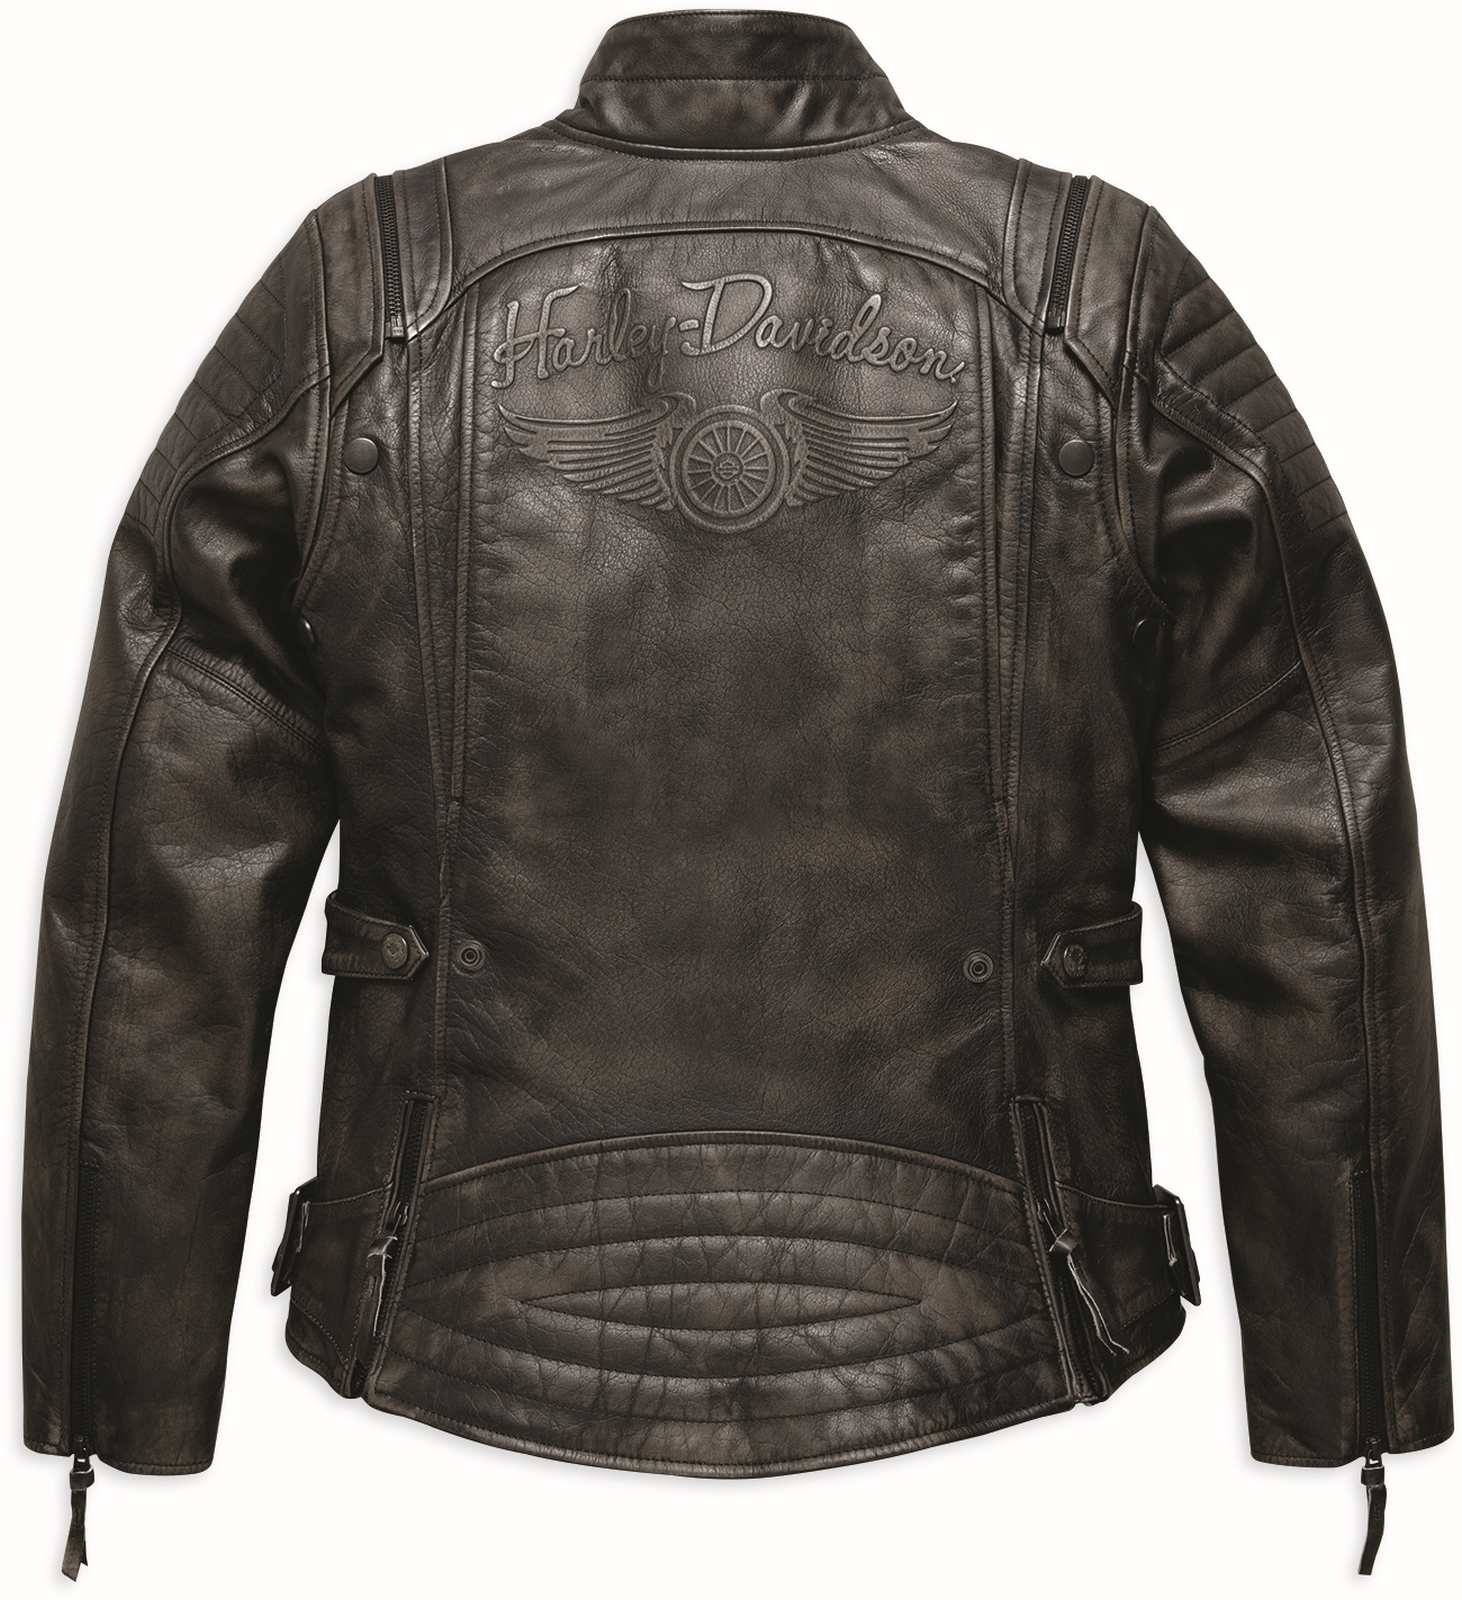 97173 17vw harley davidson brava convertible leather. Black Bedroom Furniture Sets. Home Design Ideas